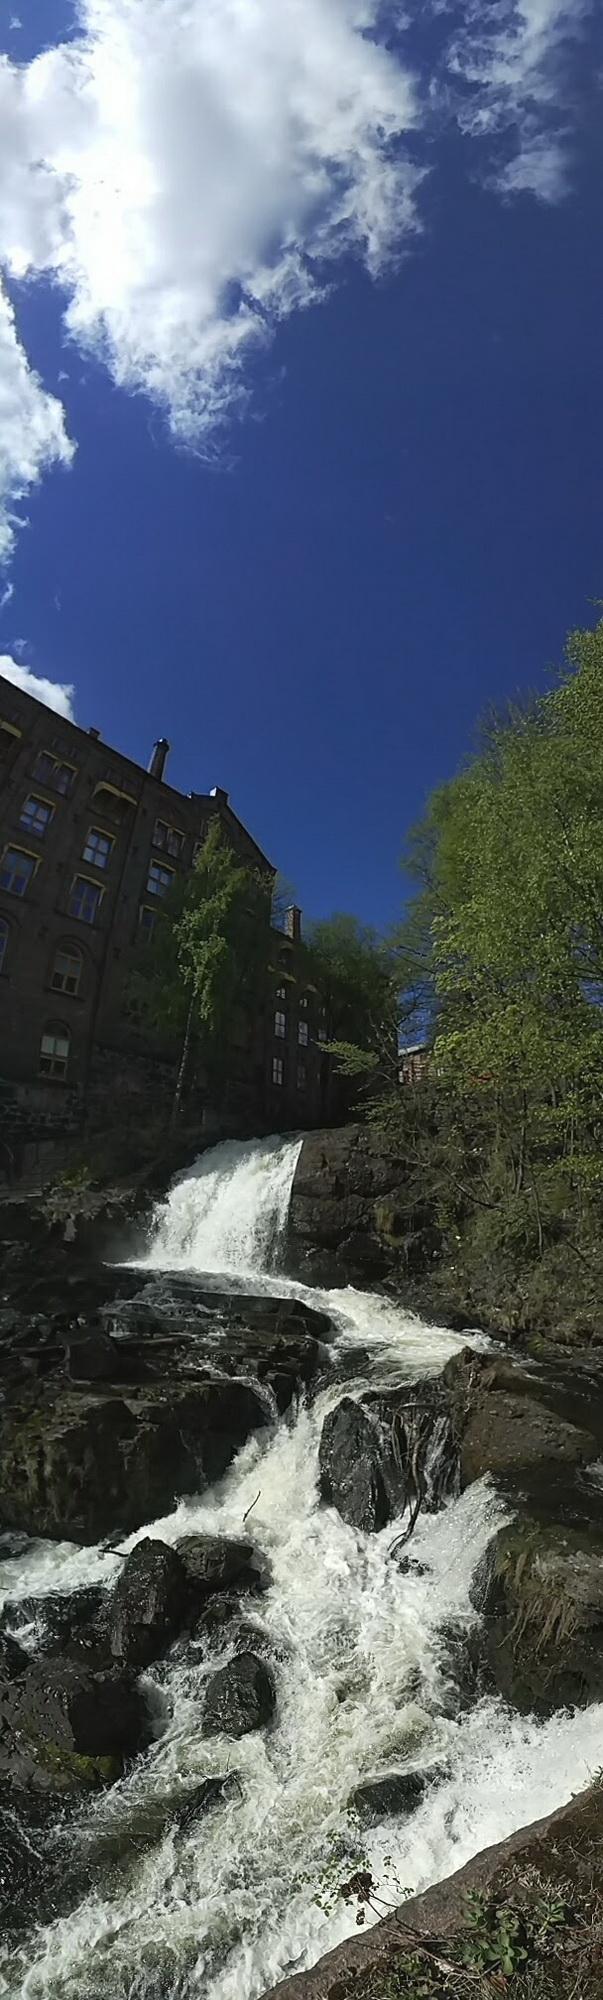 осло водопад